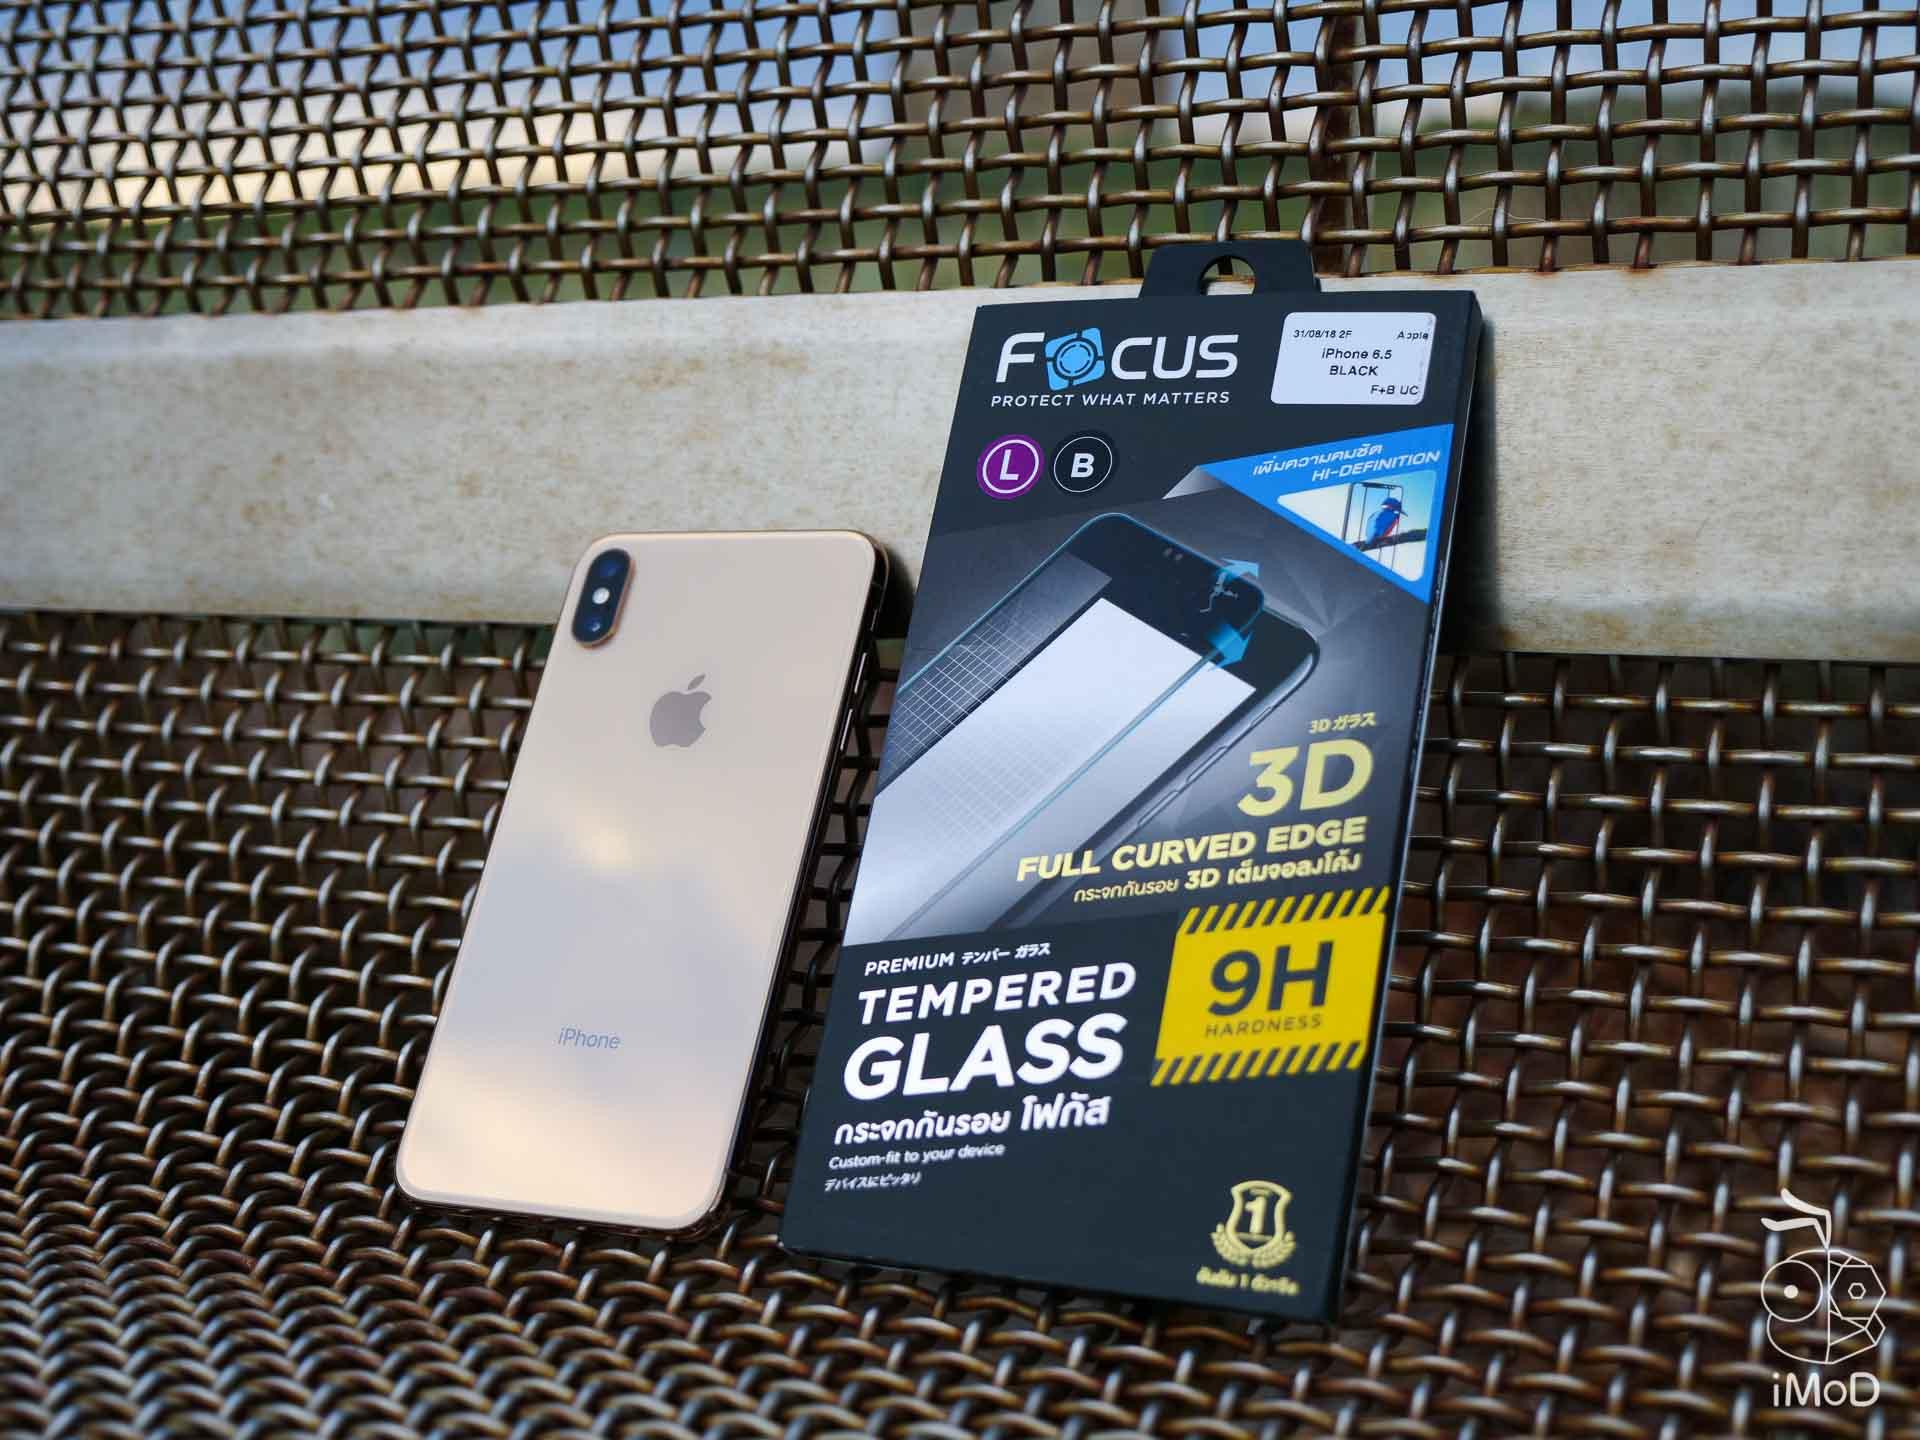 Focus 3d Full Curve Iphonexs Xs Max 1166802